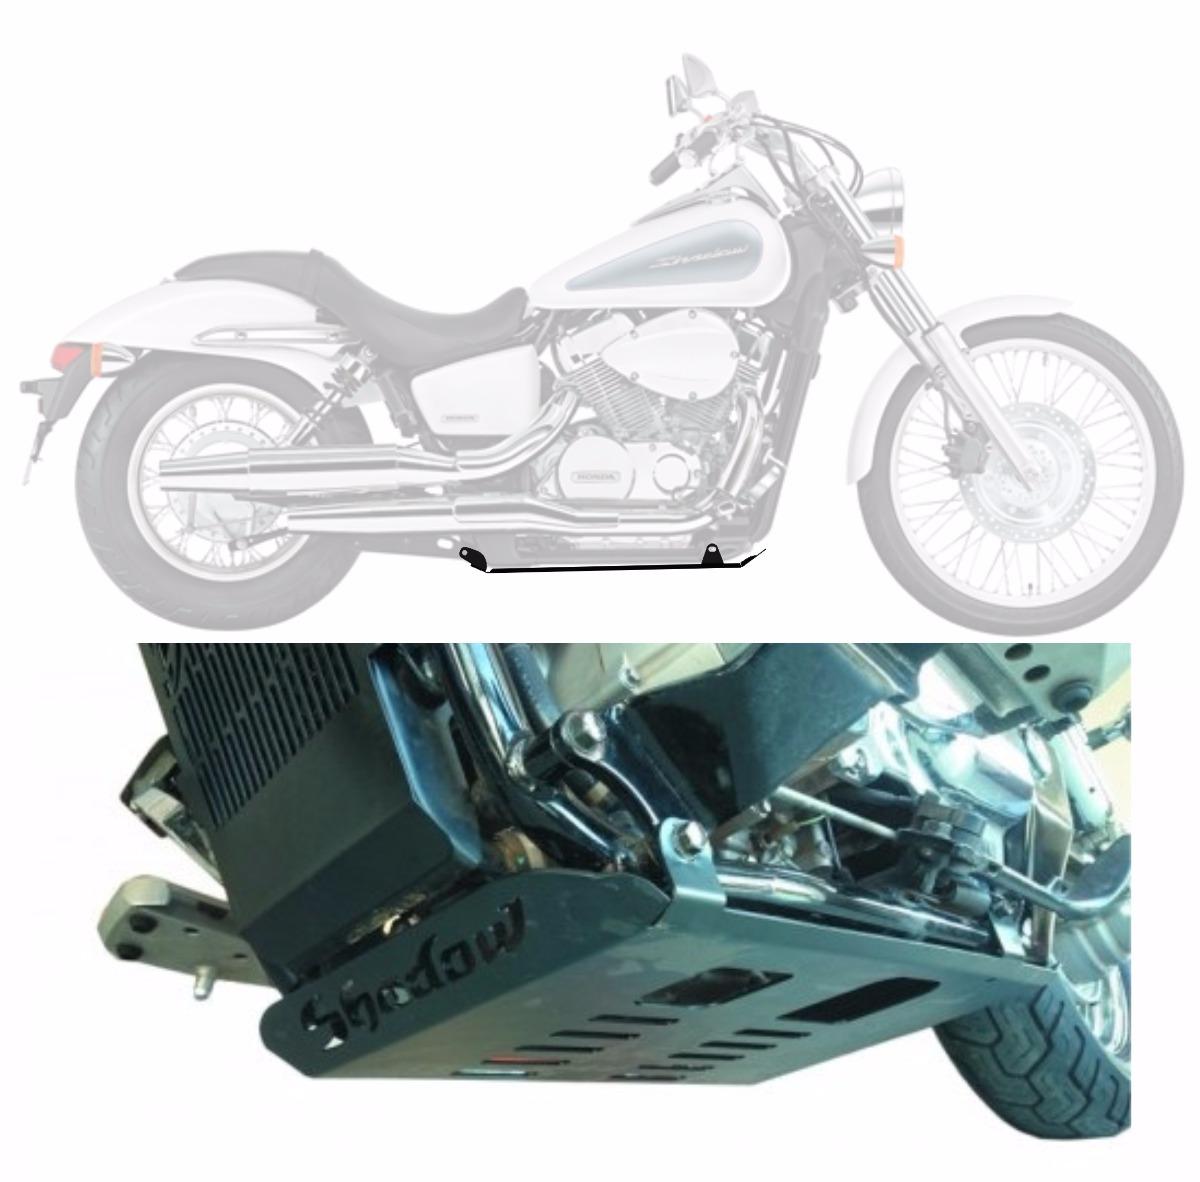 ... Honda Shadow 750 2004 2015. Carregando Zoom.